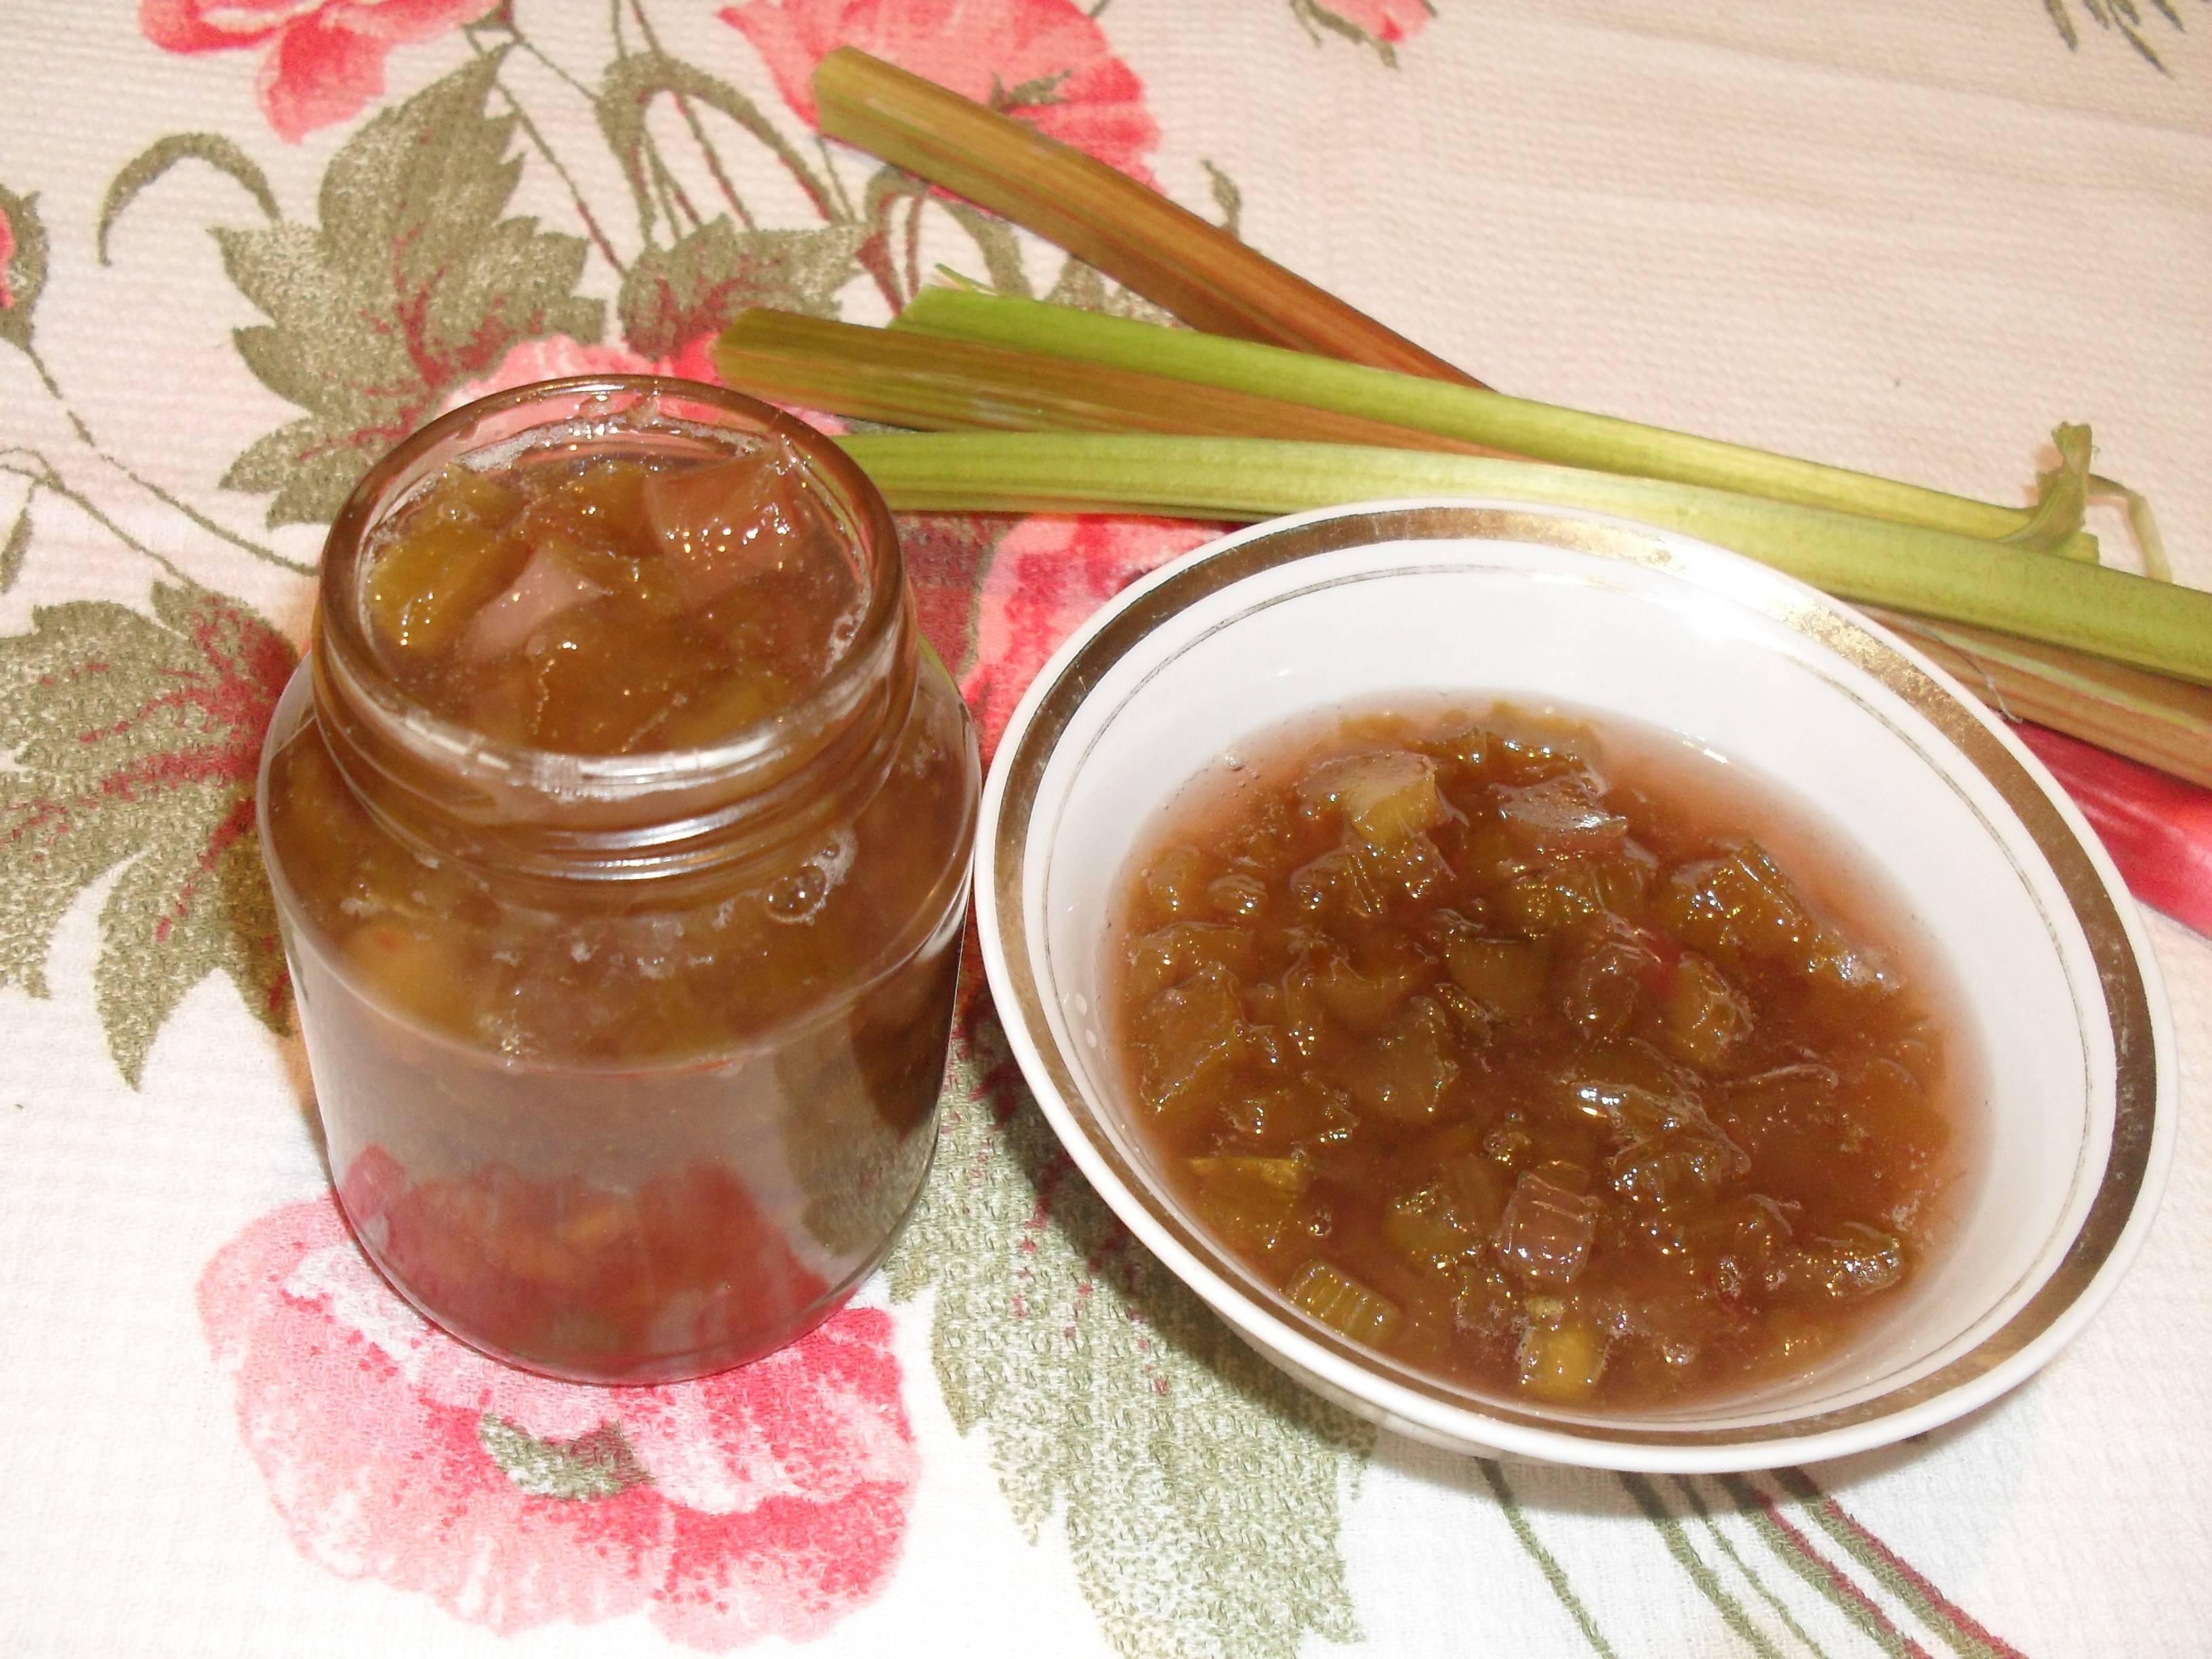 Варенье с апельсинами и ревенем на зиму рецепт с фото - 1000.menu